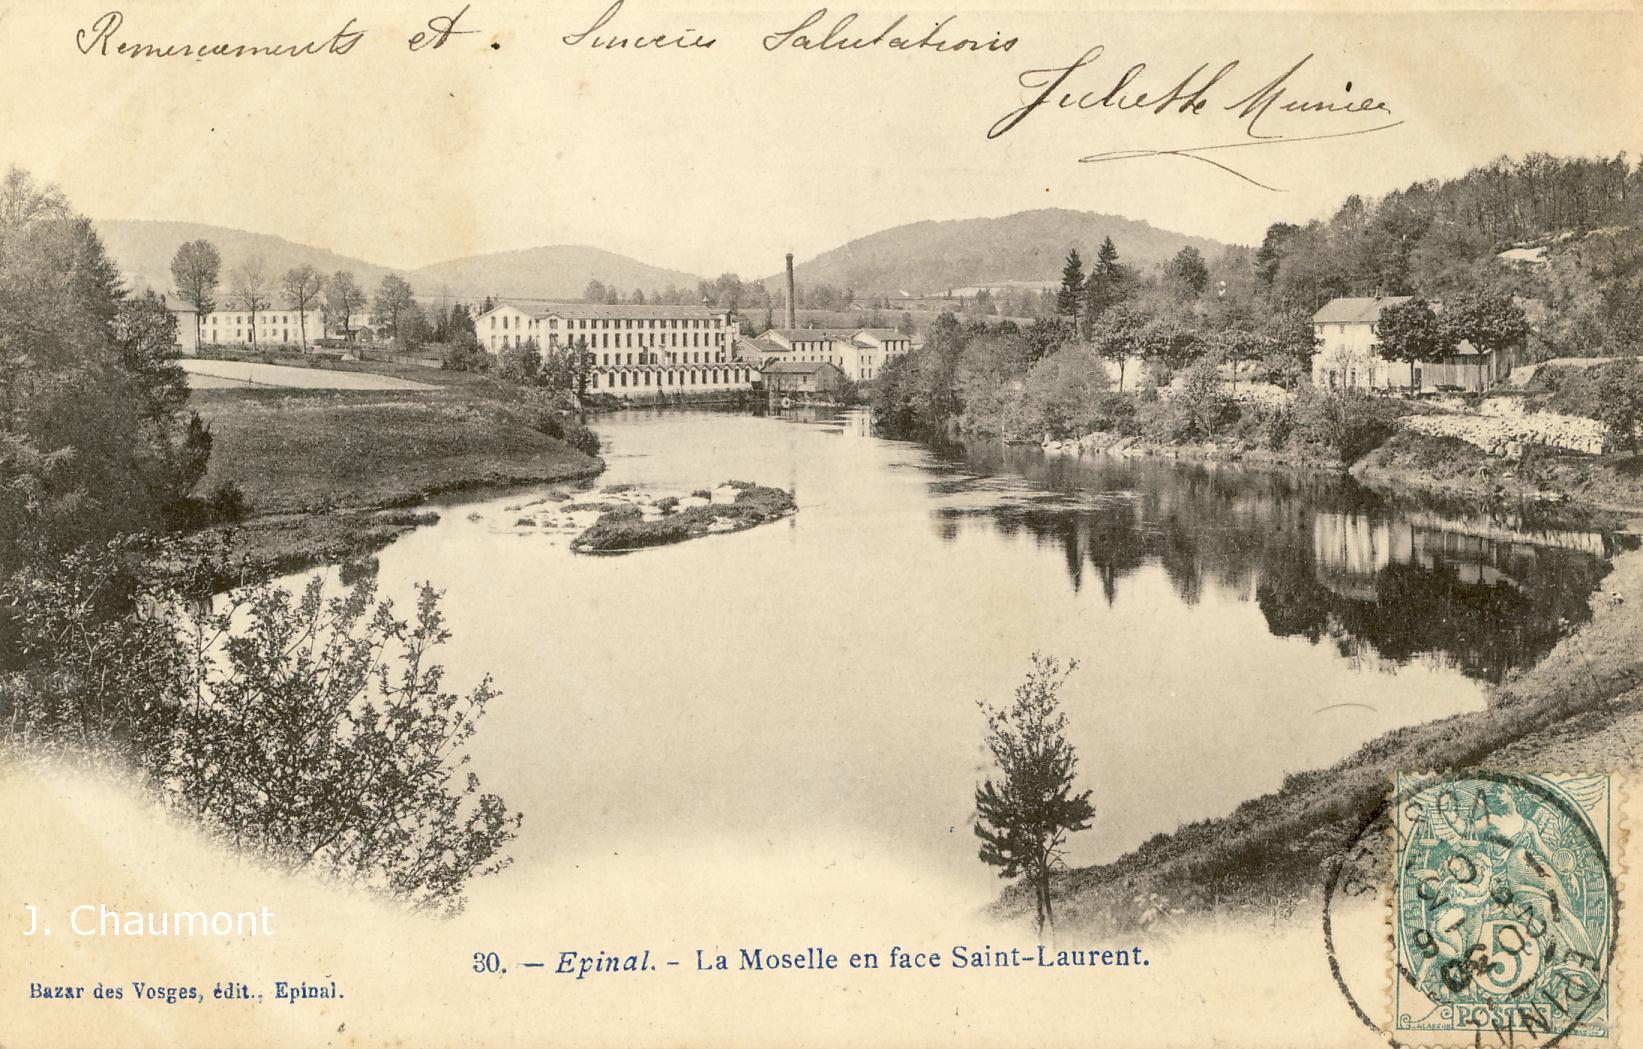 La Moselle en face Saint-Laurent en 1903